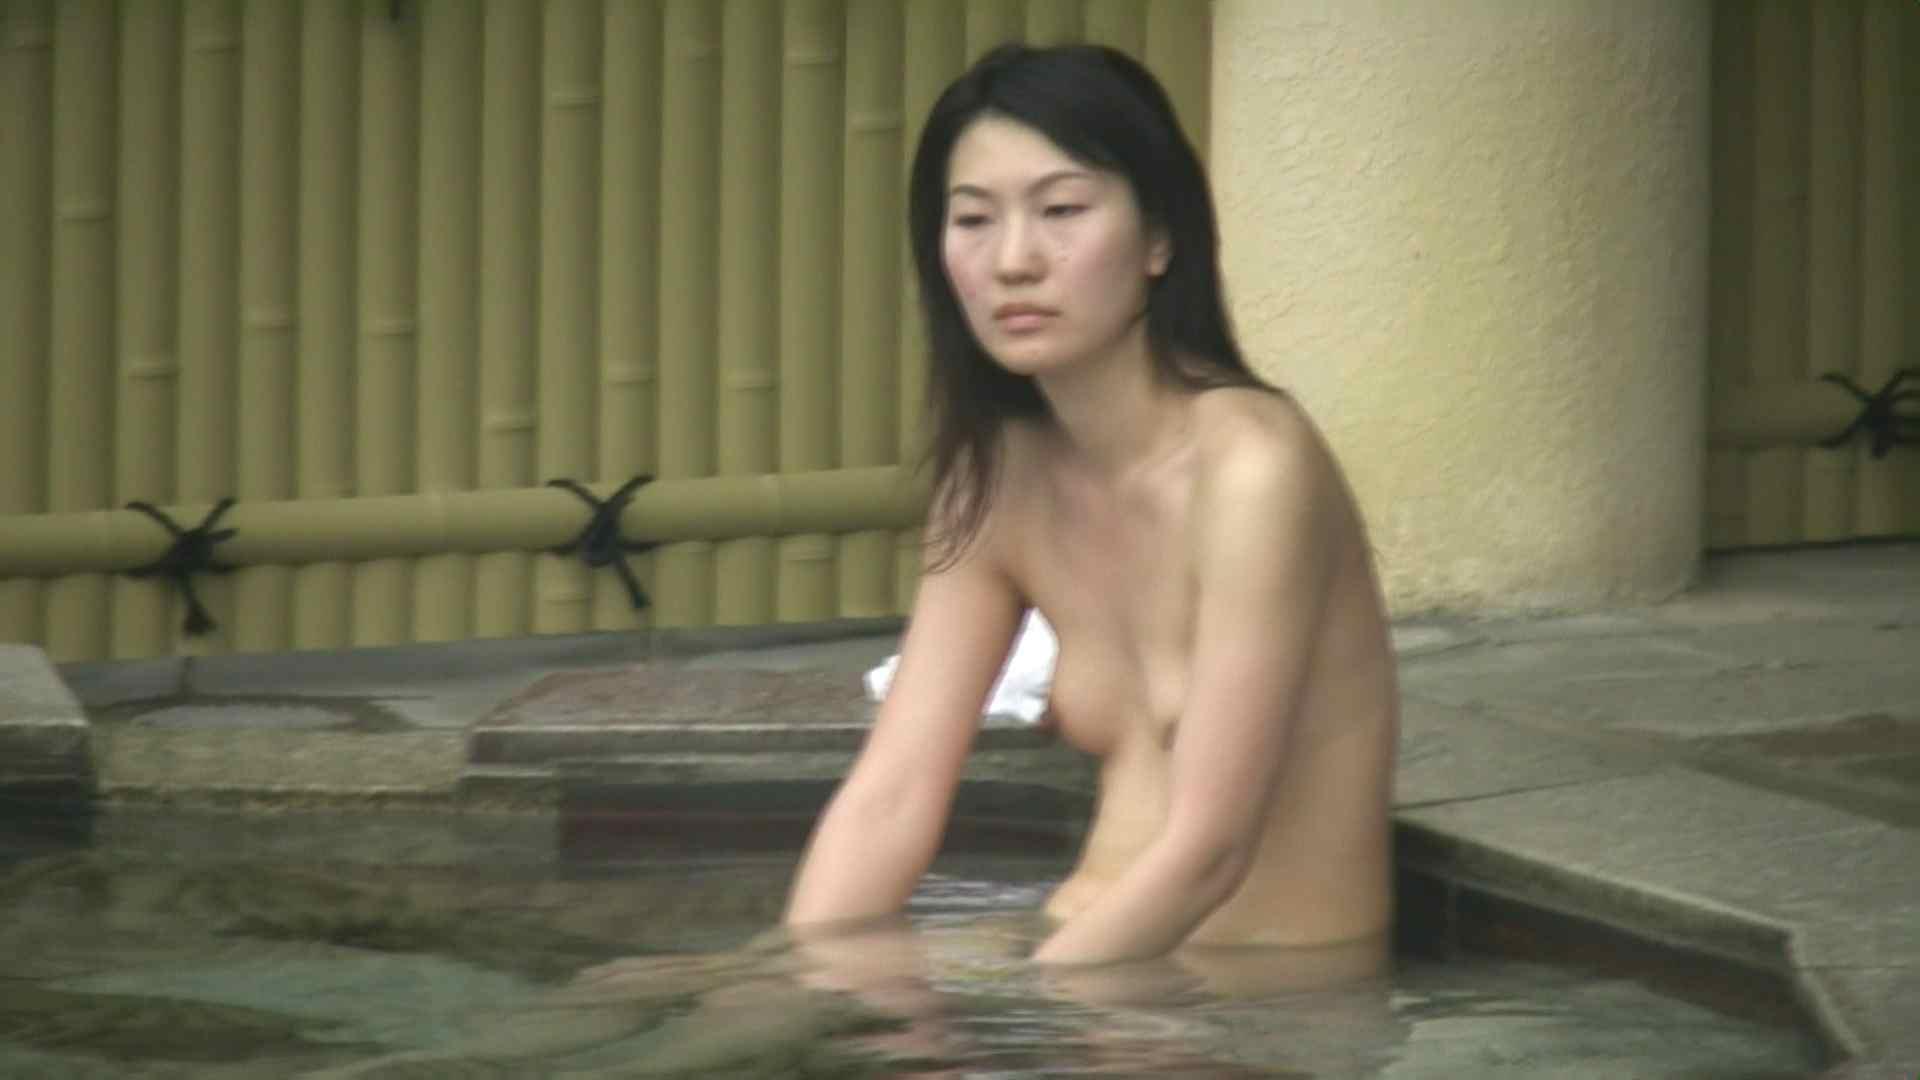 高画質露天女風呂観察 vol.034 女風呂 盗撮動画紹介 103PIX 94